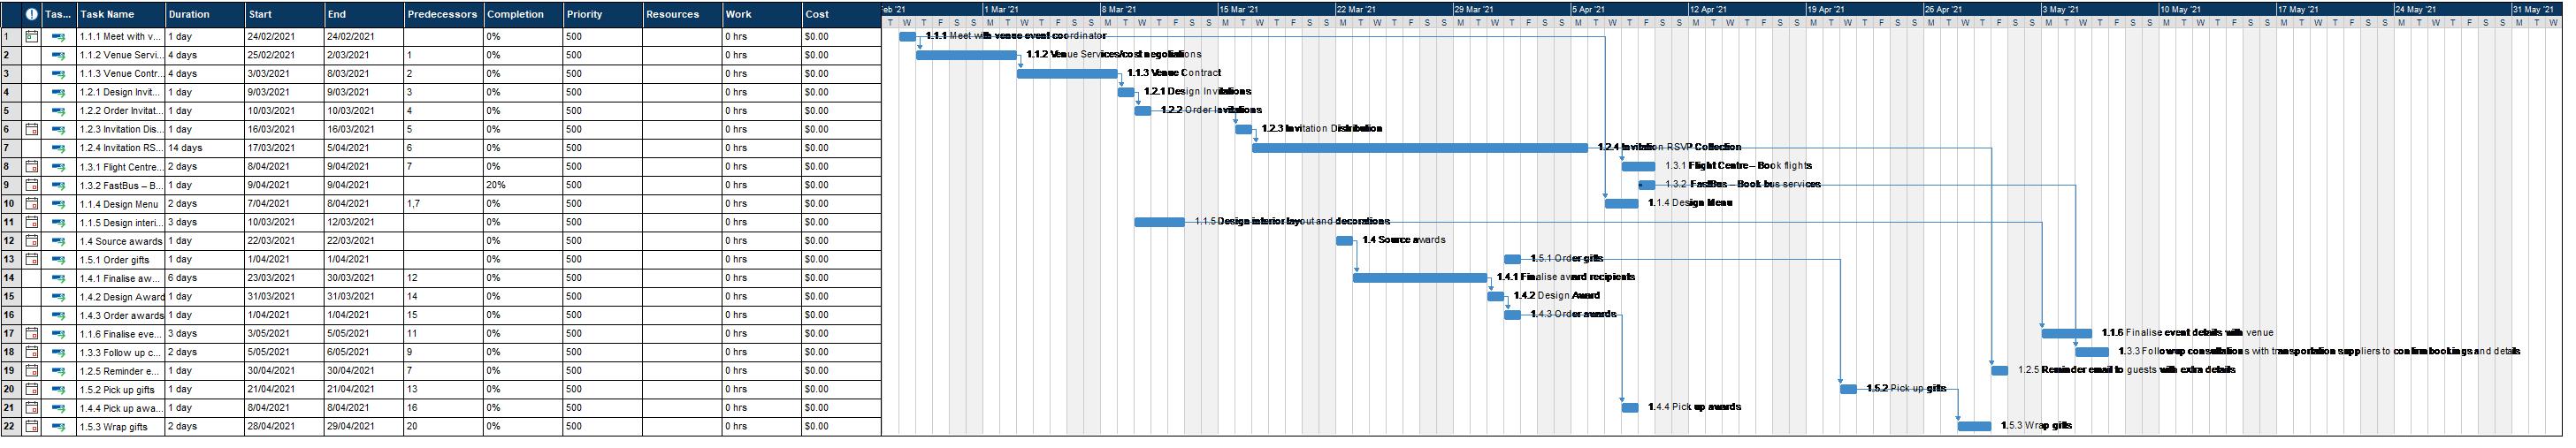 CharlotteChauhanSim Co. Achievement party gantt chart Gantt Chart